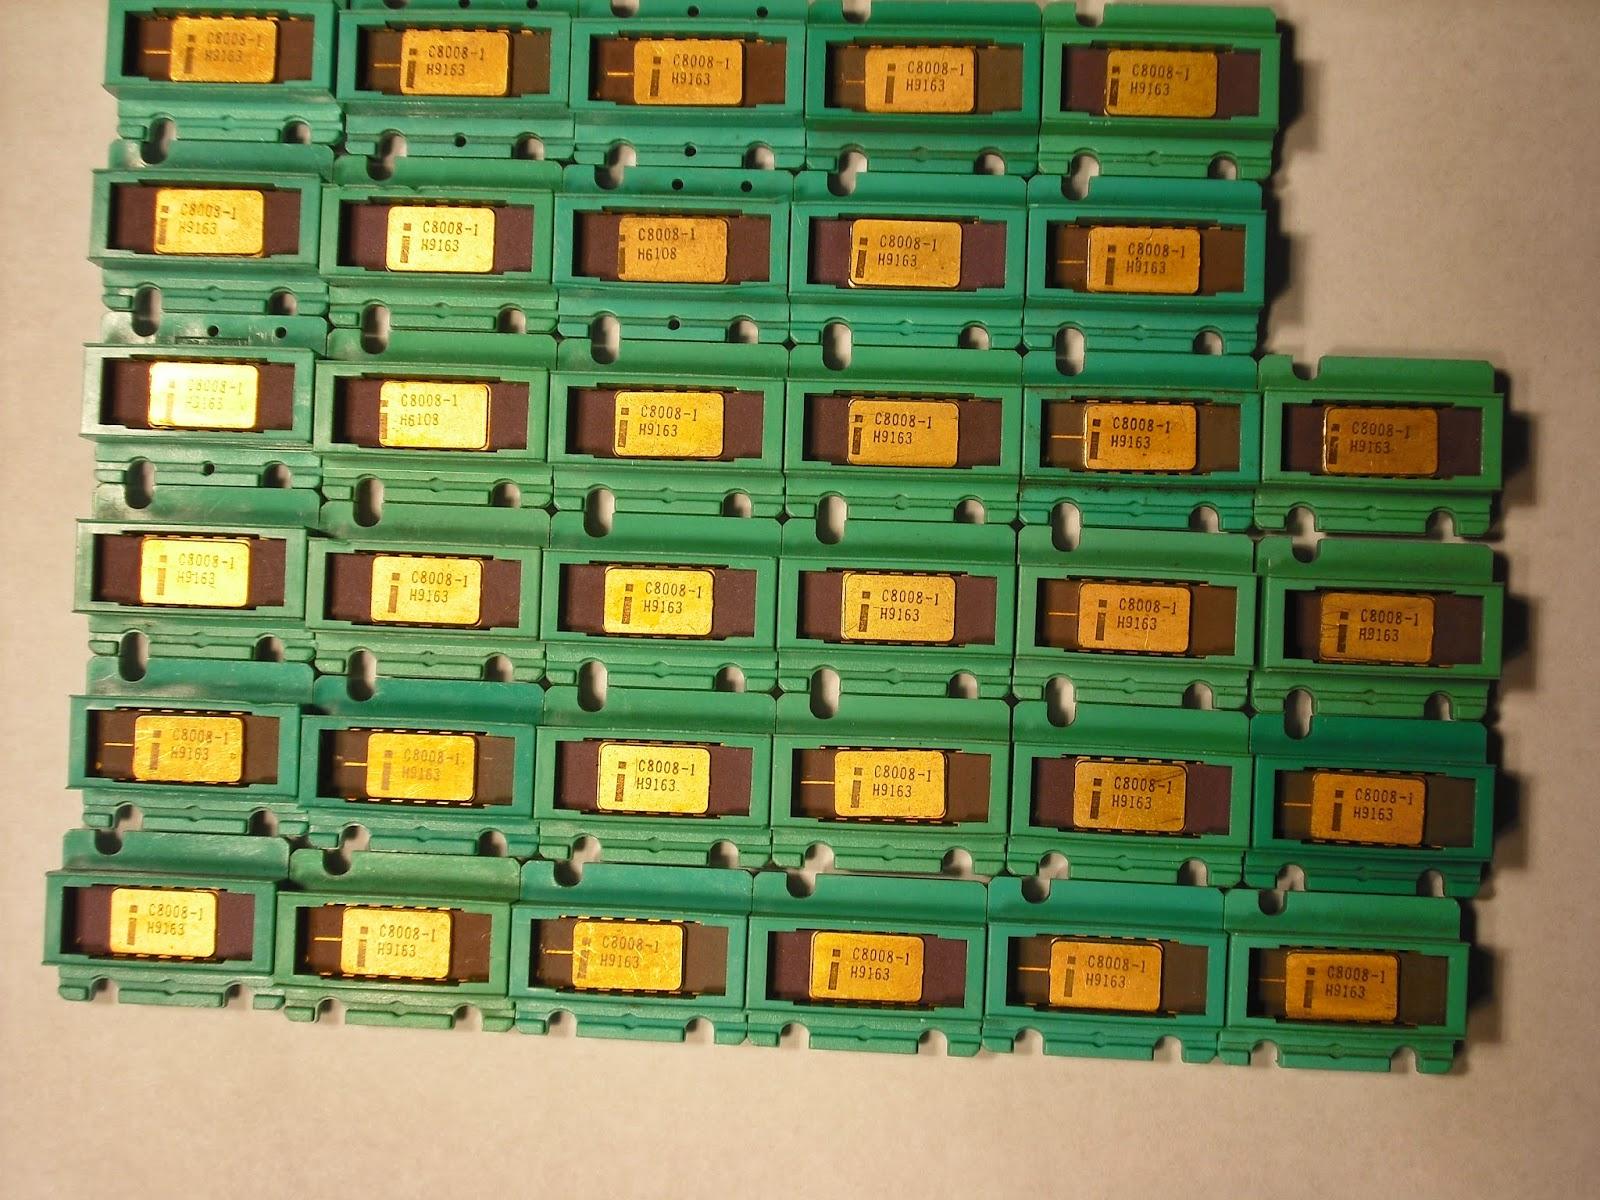 8008 Microprocessor